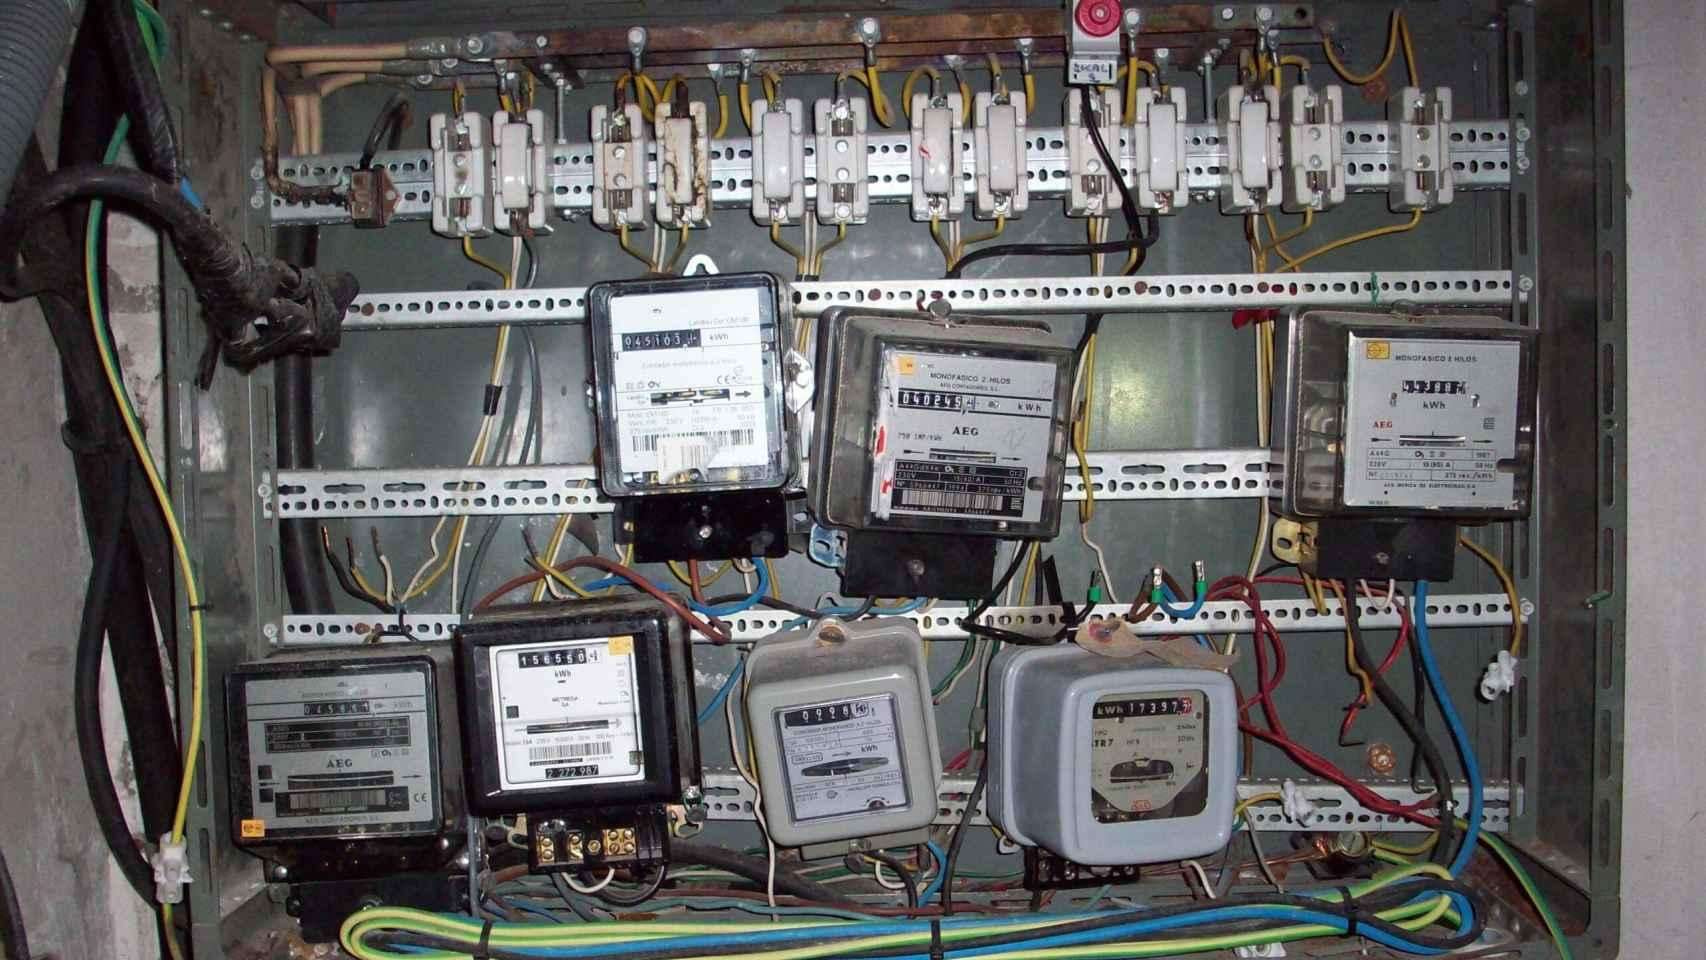 Imagen de distintos tipos de fraude detectados en la red de distribución.